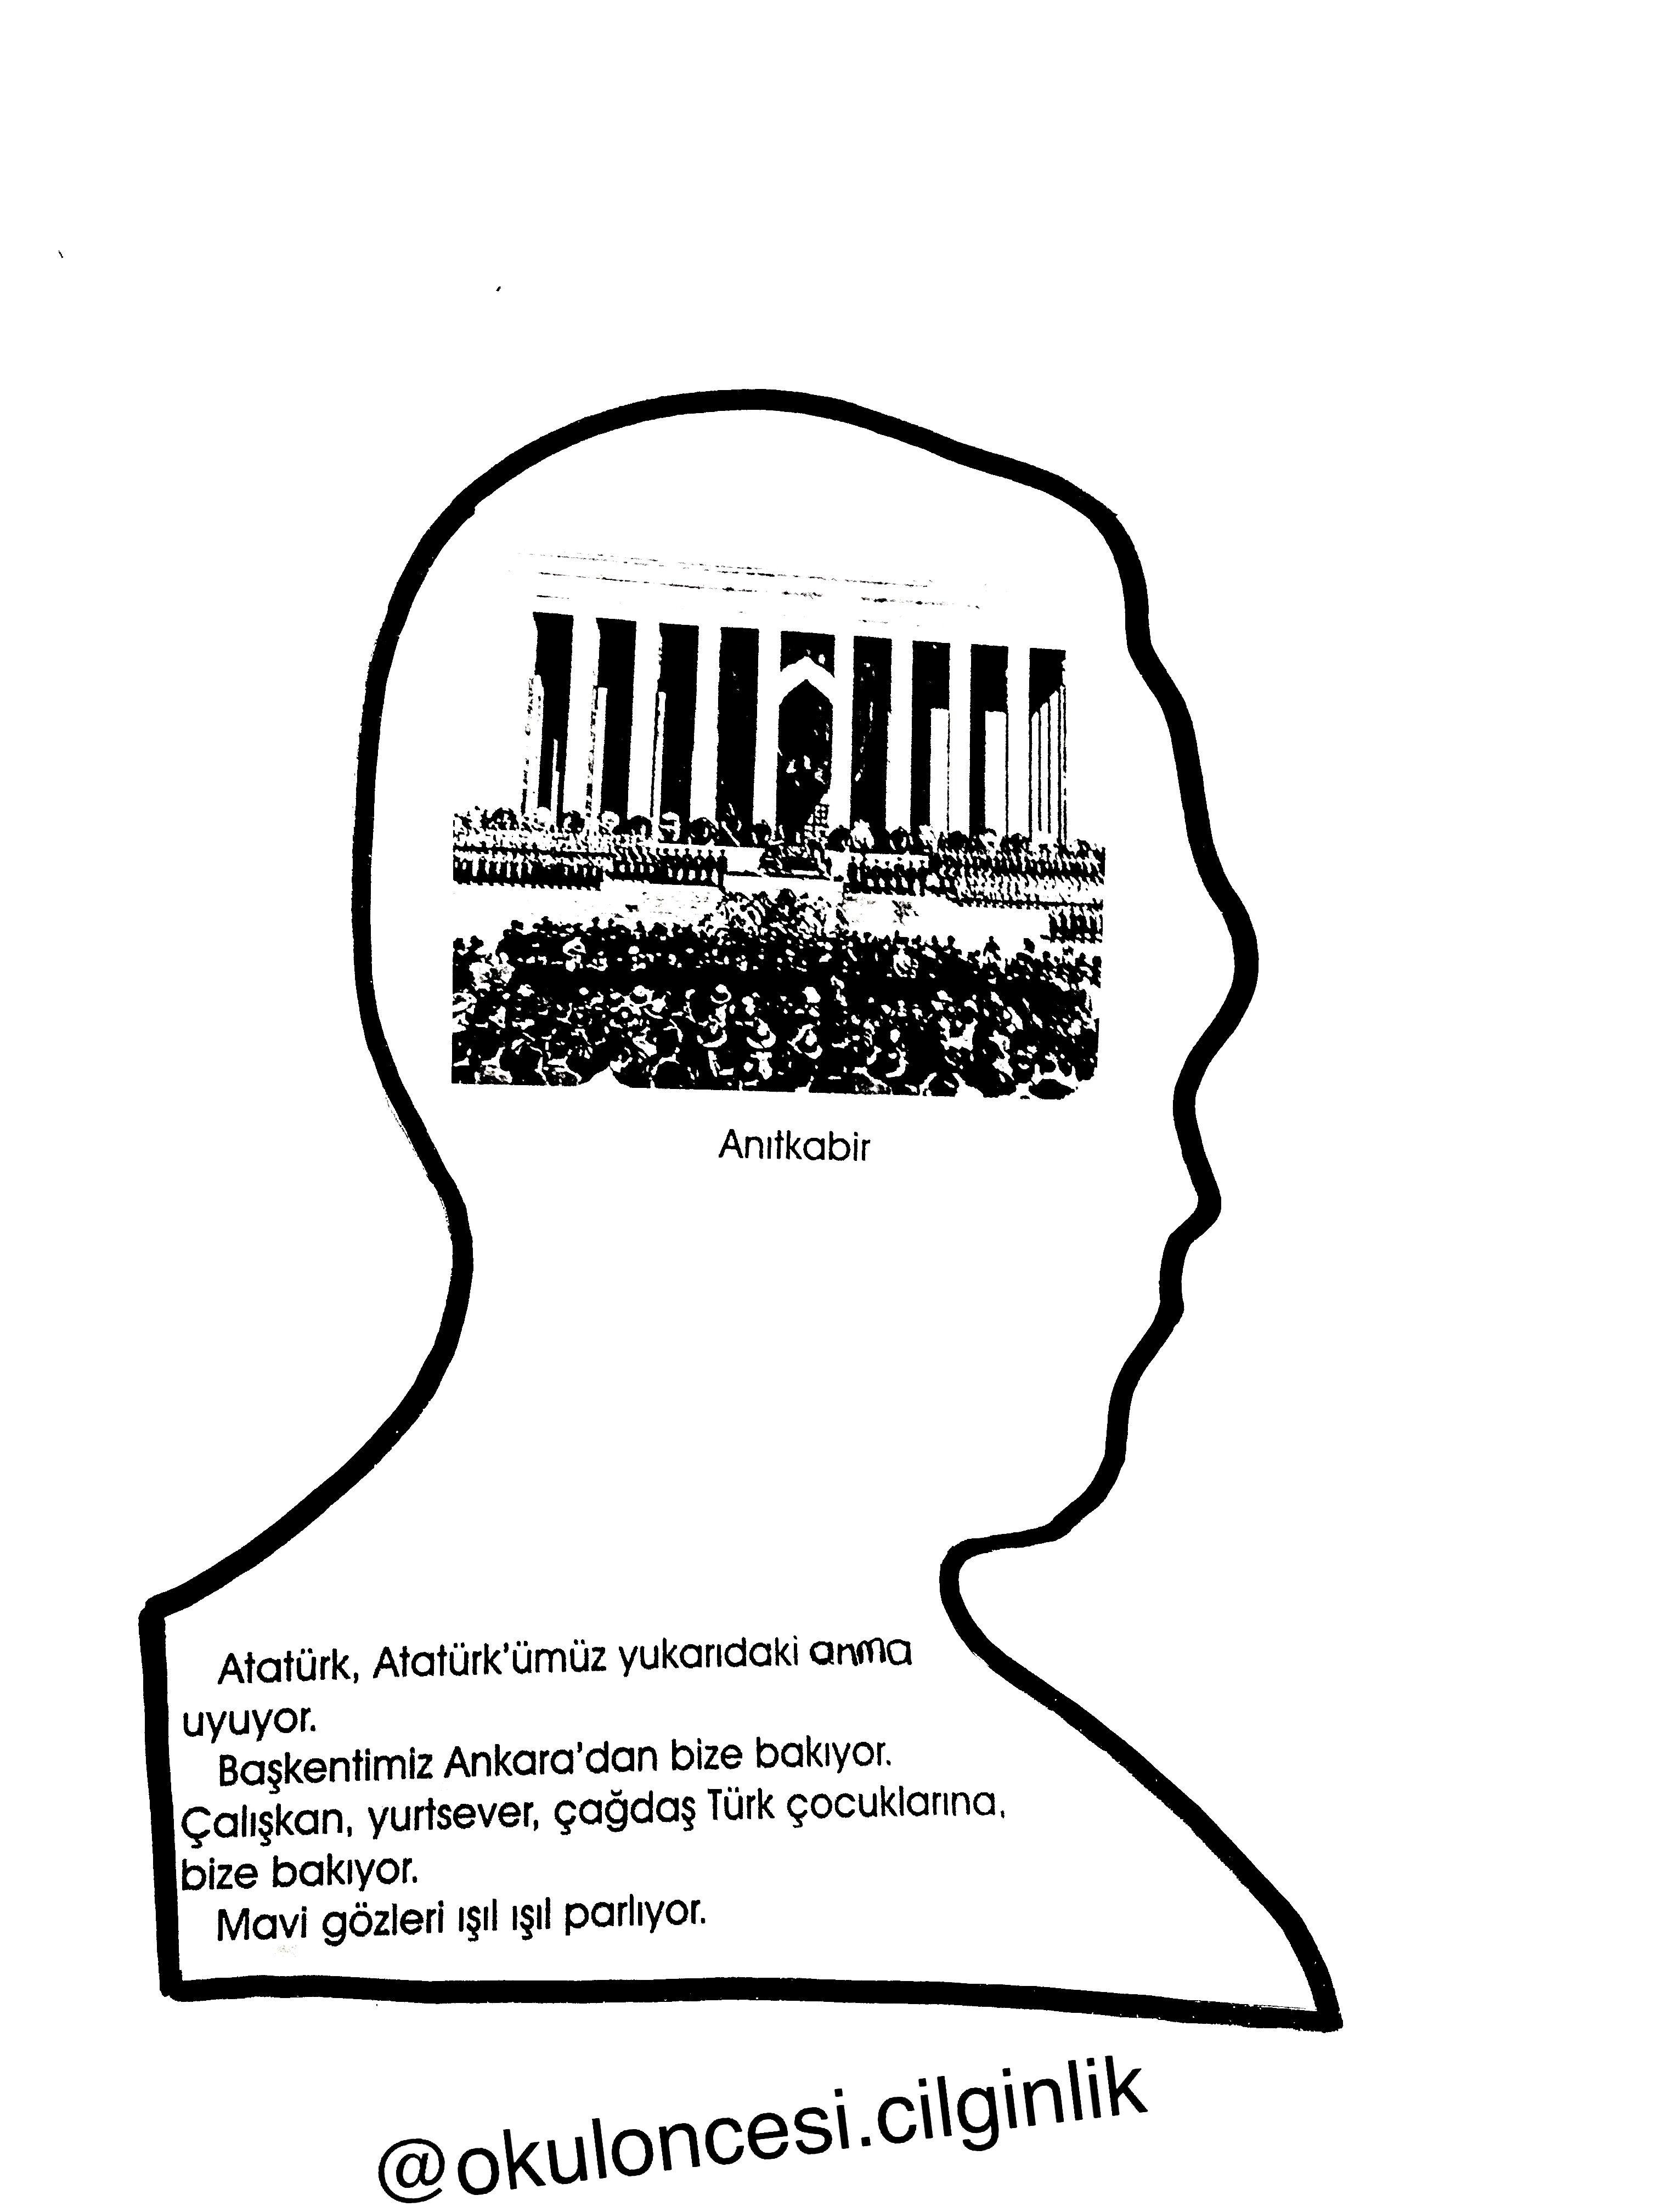 Ataturk Kitapcigi Kalip 7 Okuloncesi Cilginlik Basak Ogretmen Faaliyetler Ogretmenler Okul